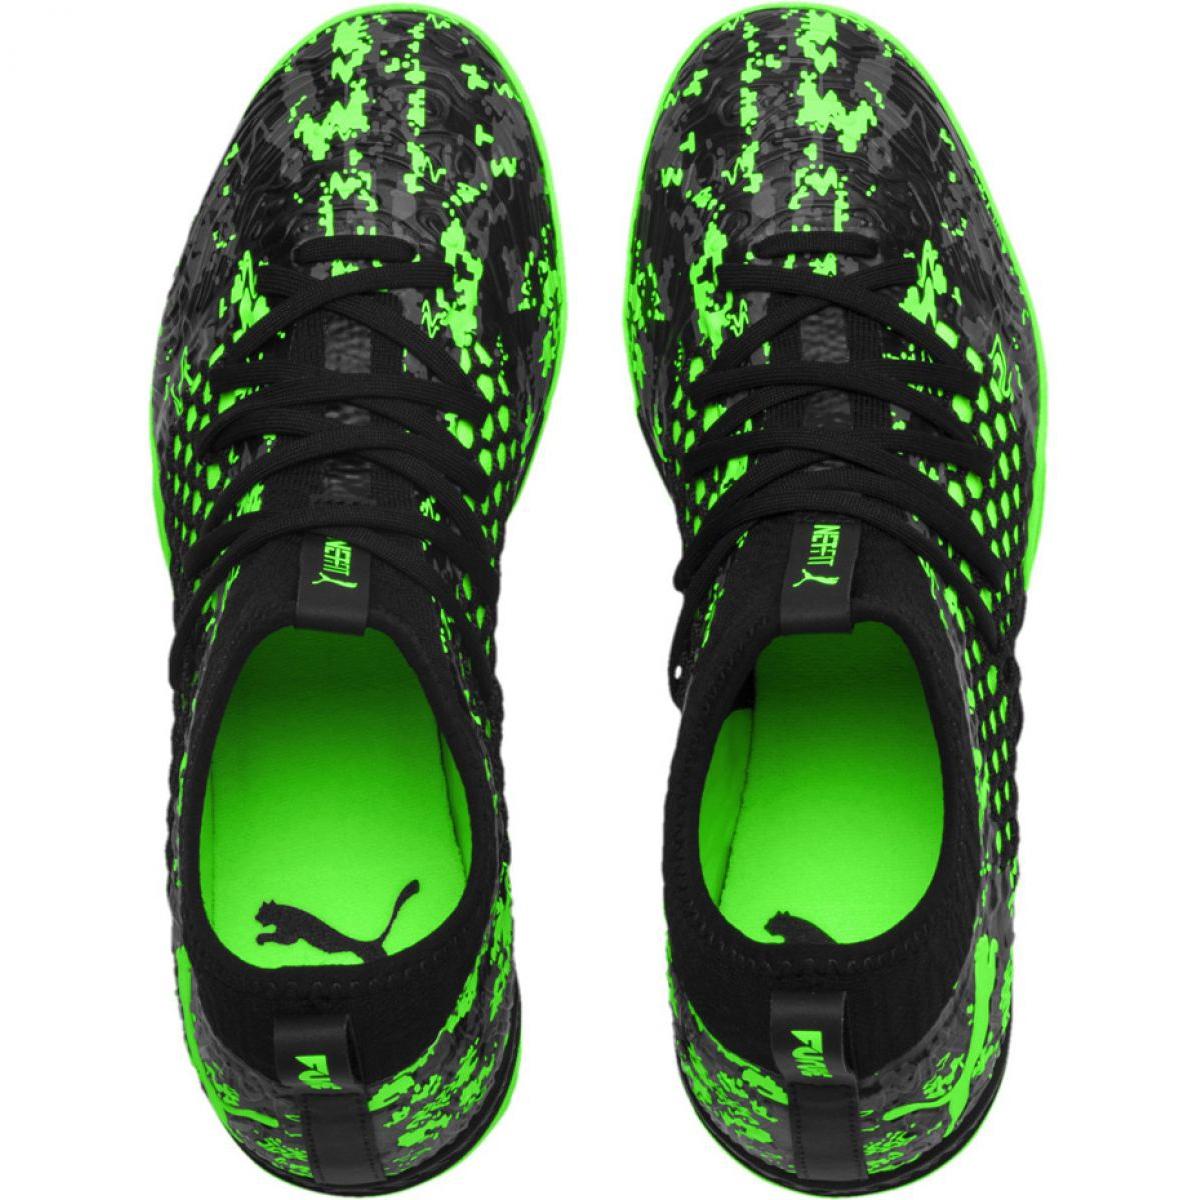 Buty halowe Puma Future 19.3 Netfit Tt M 105542 03 czarny, zielony zielone